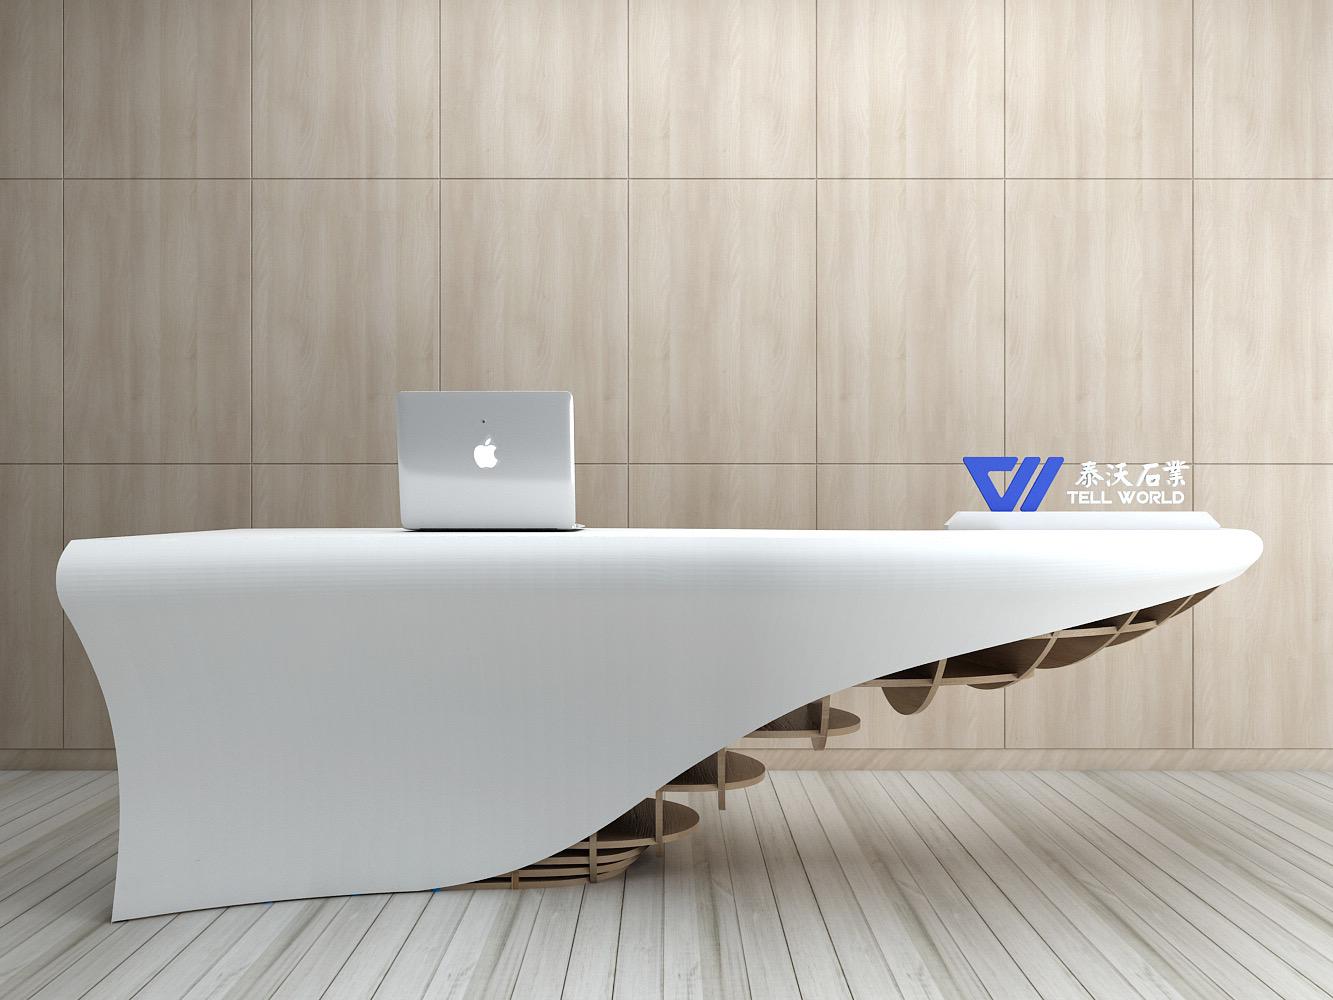 Wooden Base Reception Desk